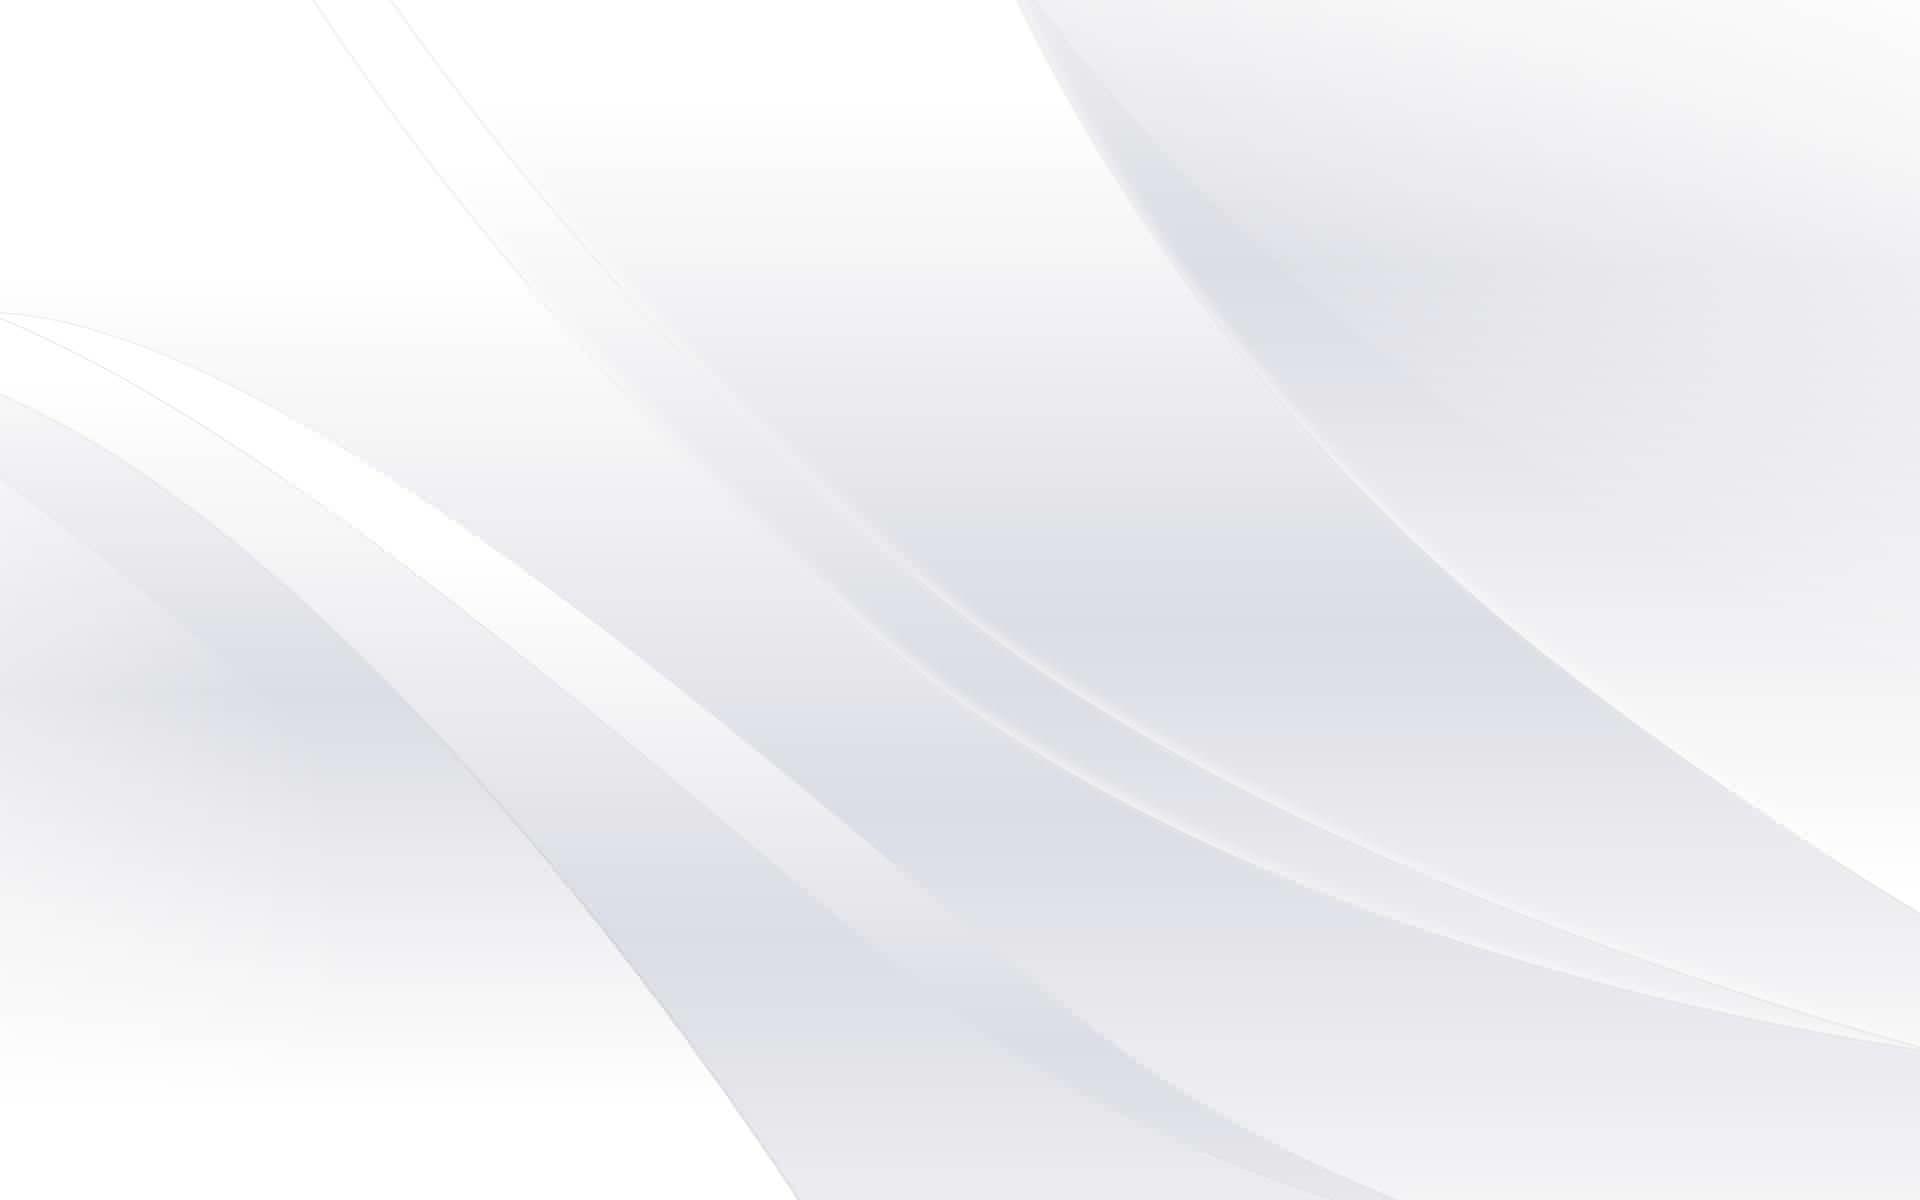 white hd wallpaper